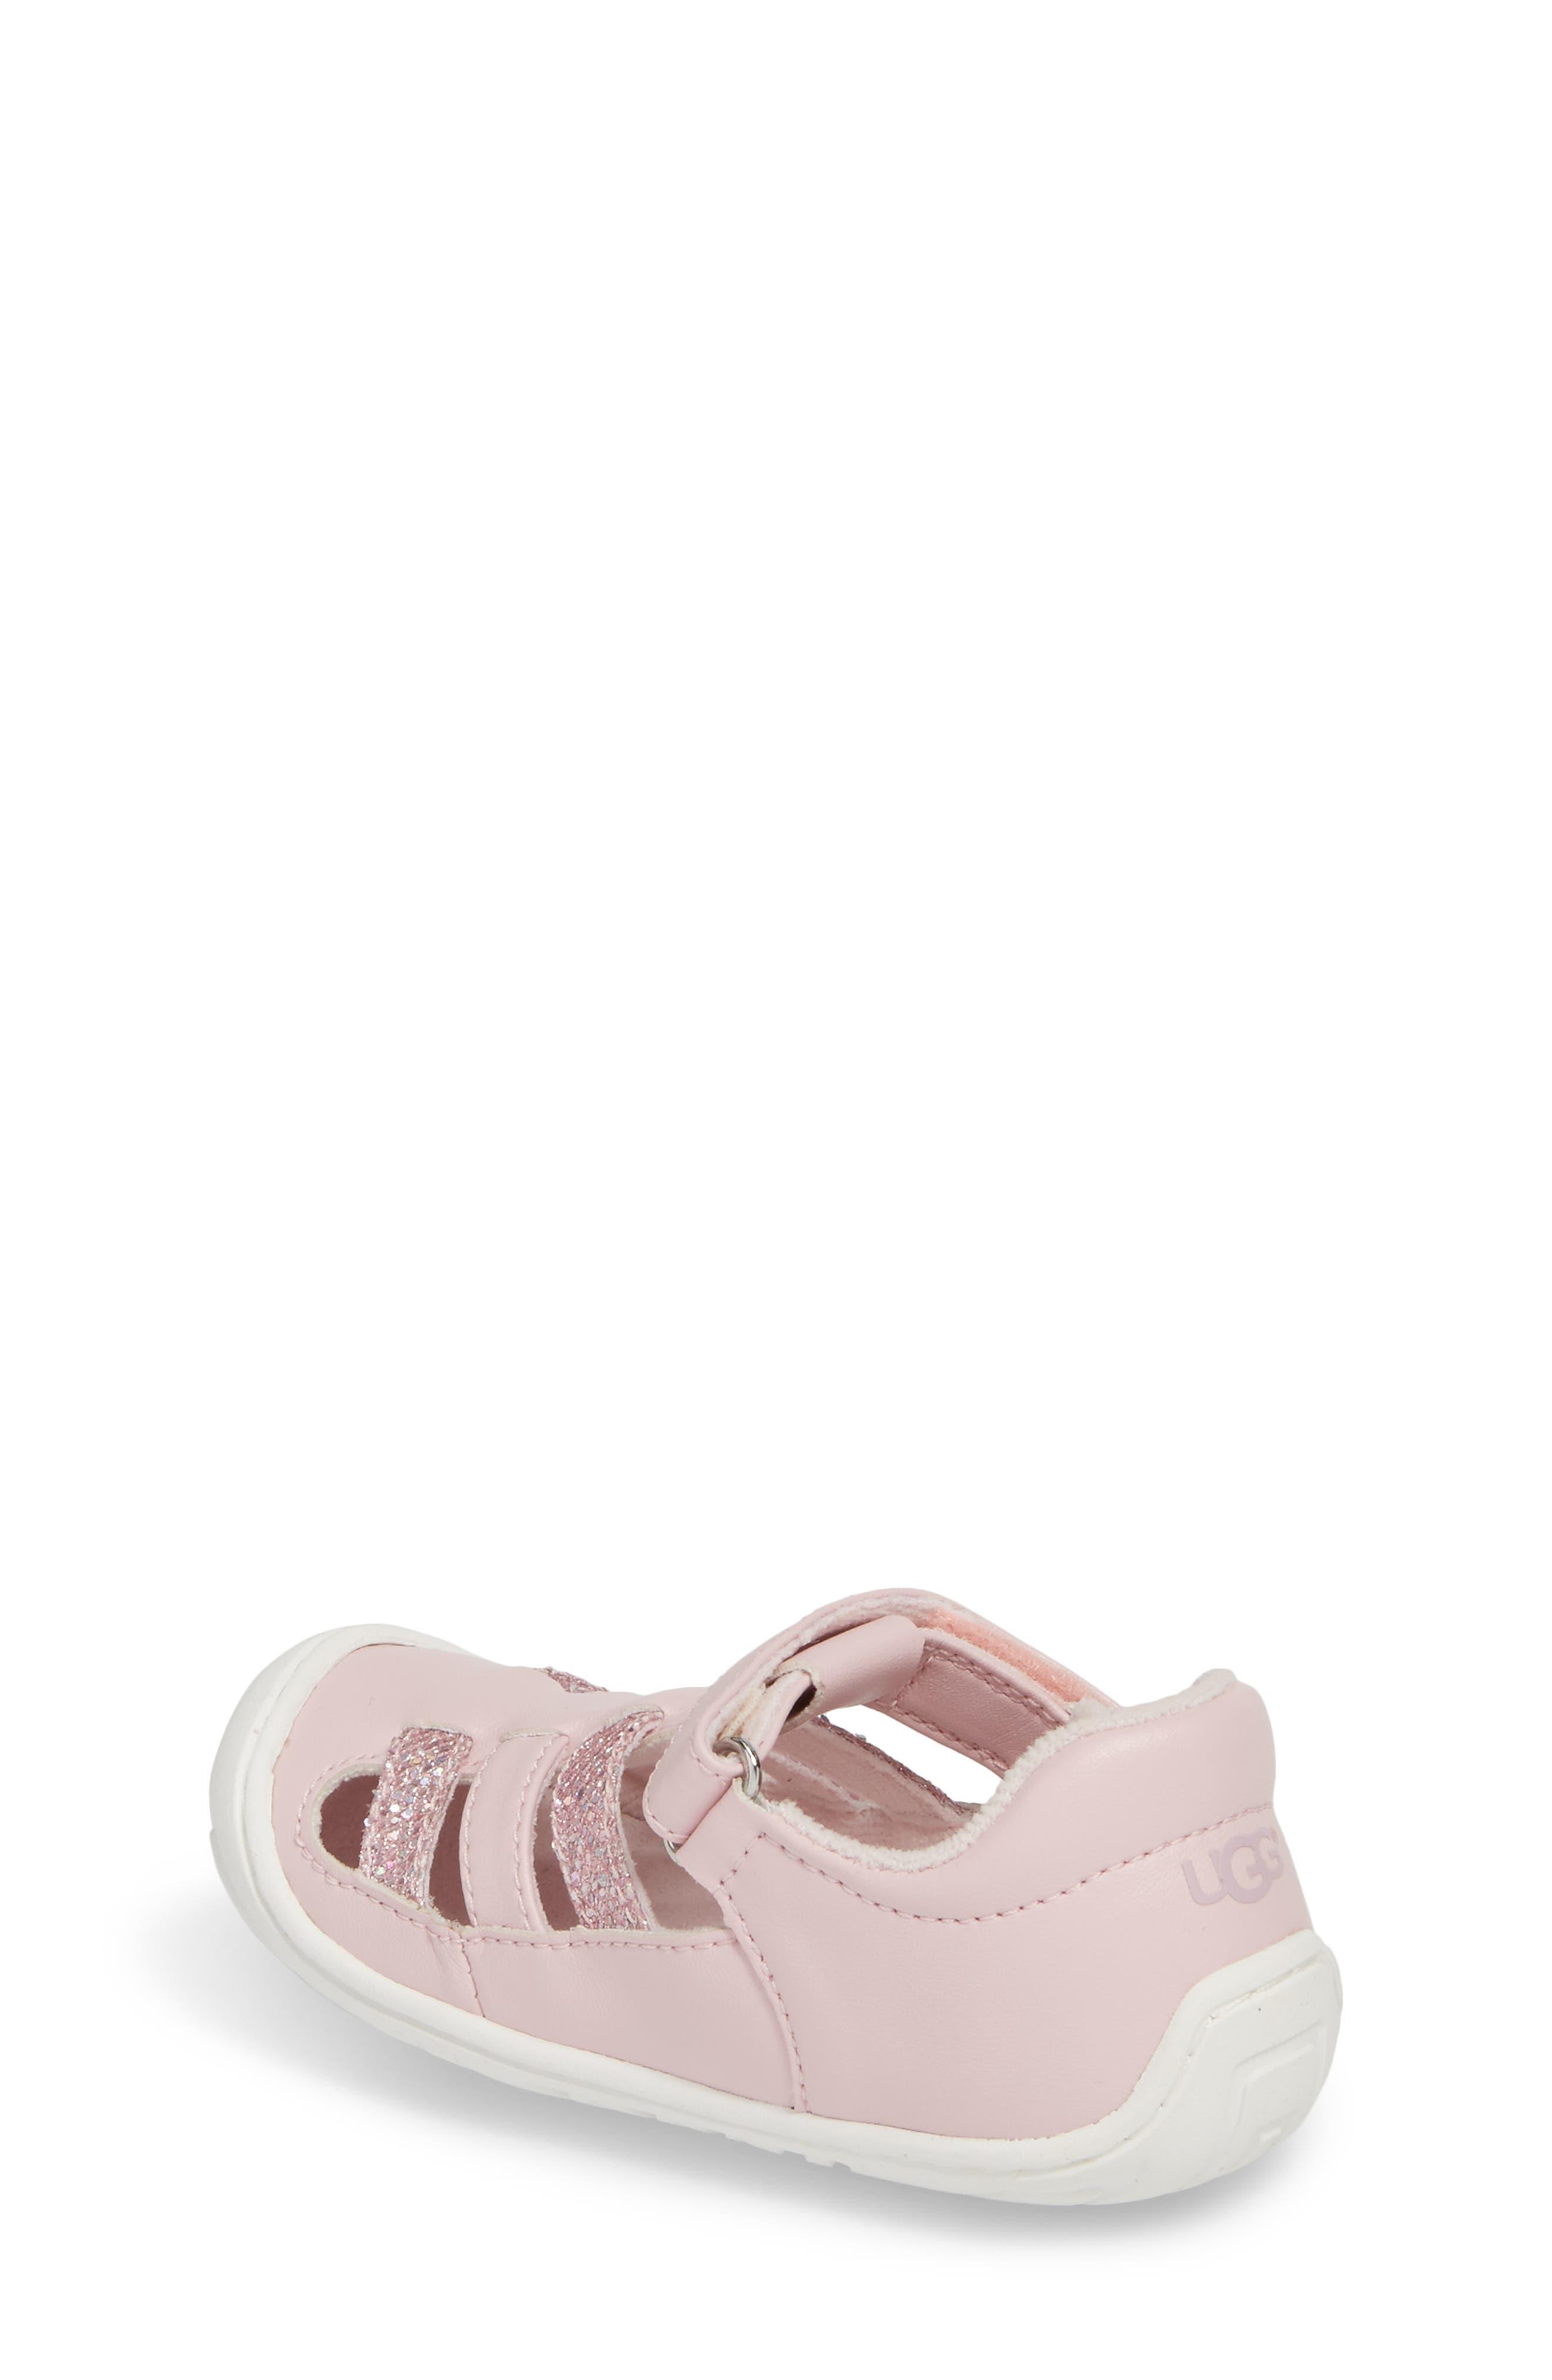 Santore Glitter Sandal,                             Alternate thumbnail 2, color,                             Seashell Pink